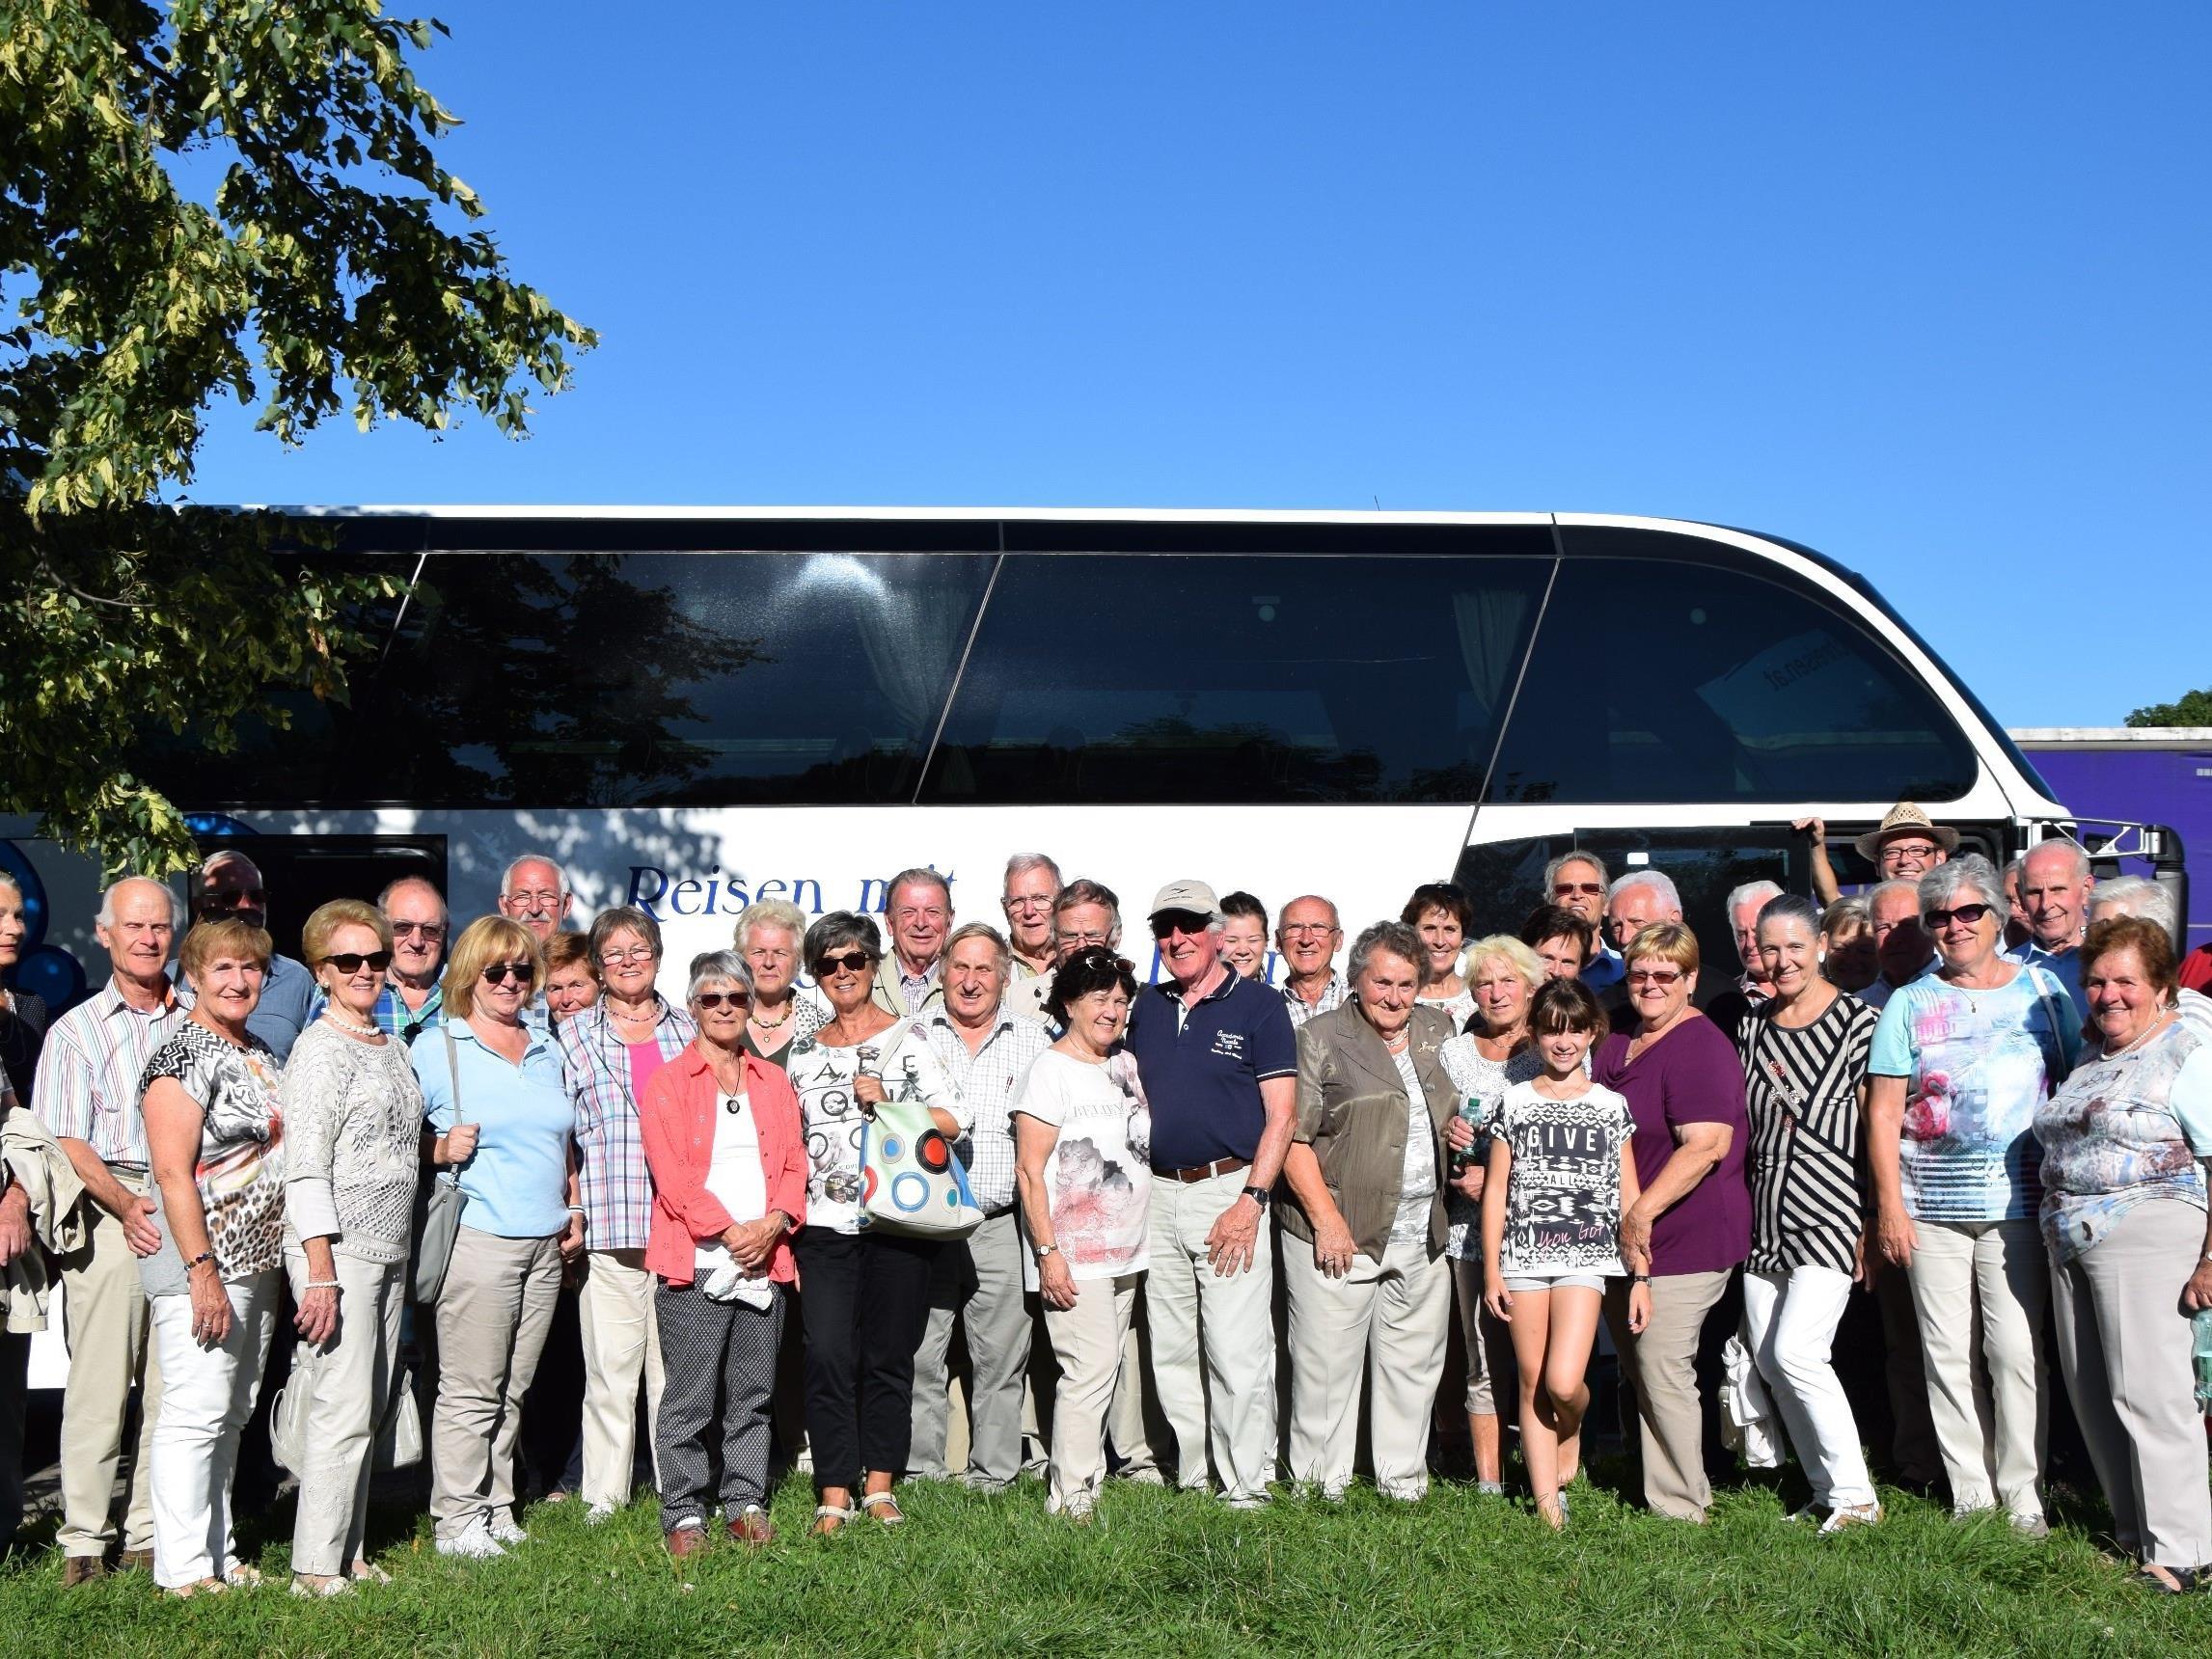 Sichtlich wohl fühlten sich die Mitglieder des Verschönerungsvereins beim Ausflug nach Baden-Württemberg.